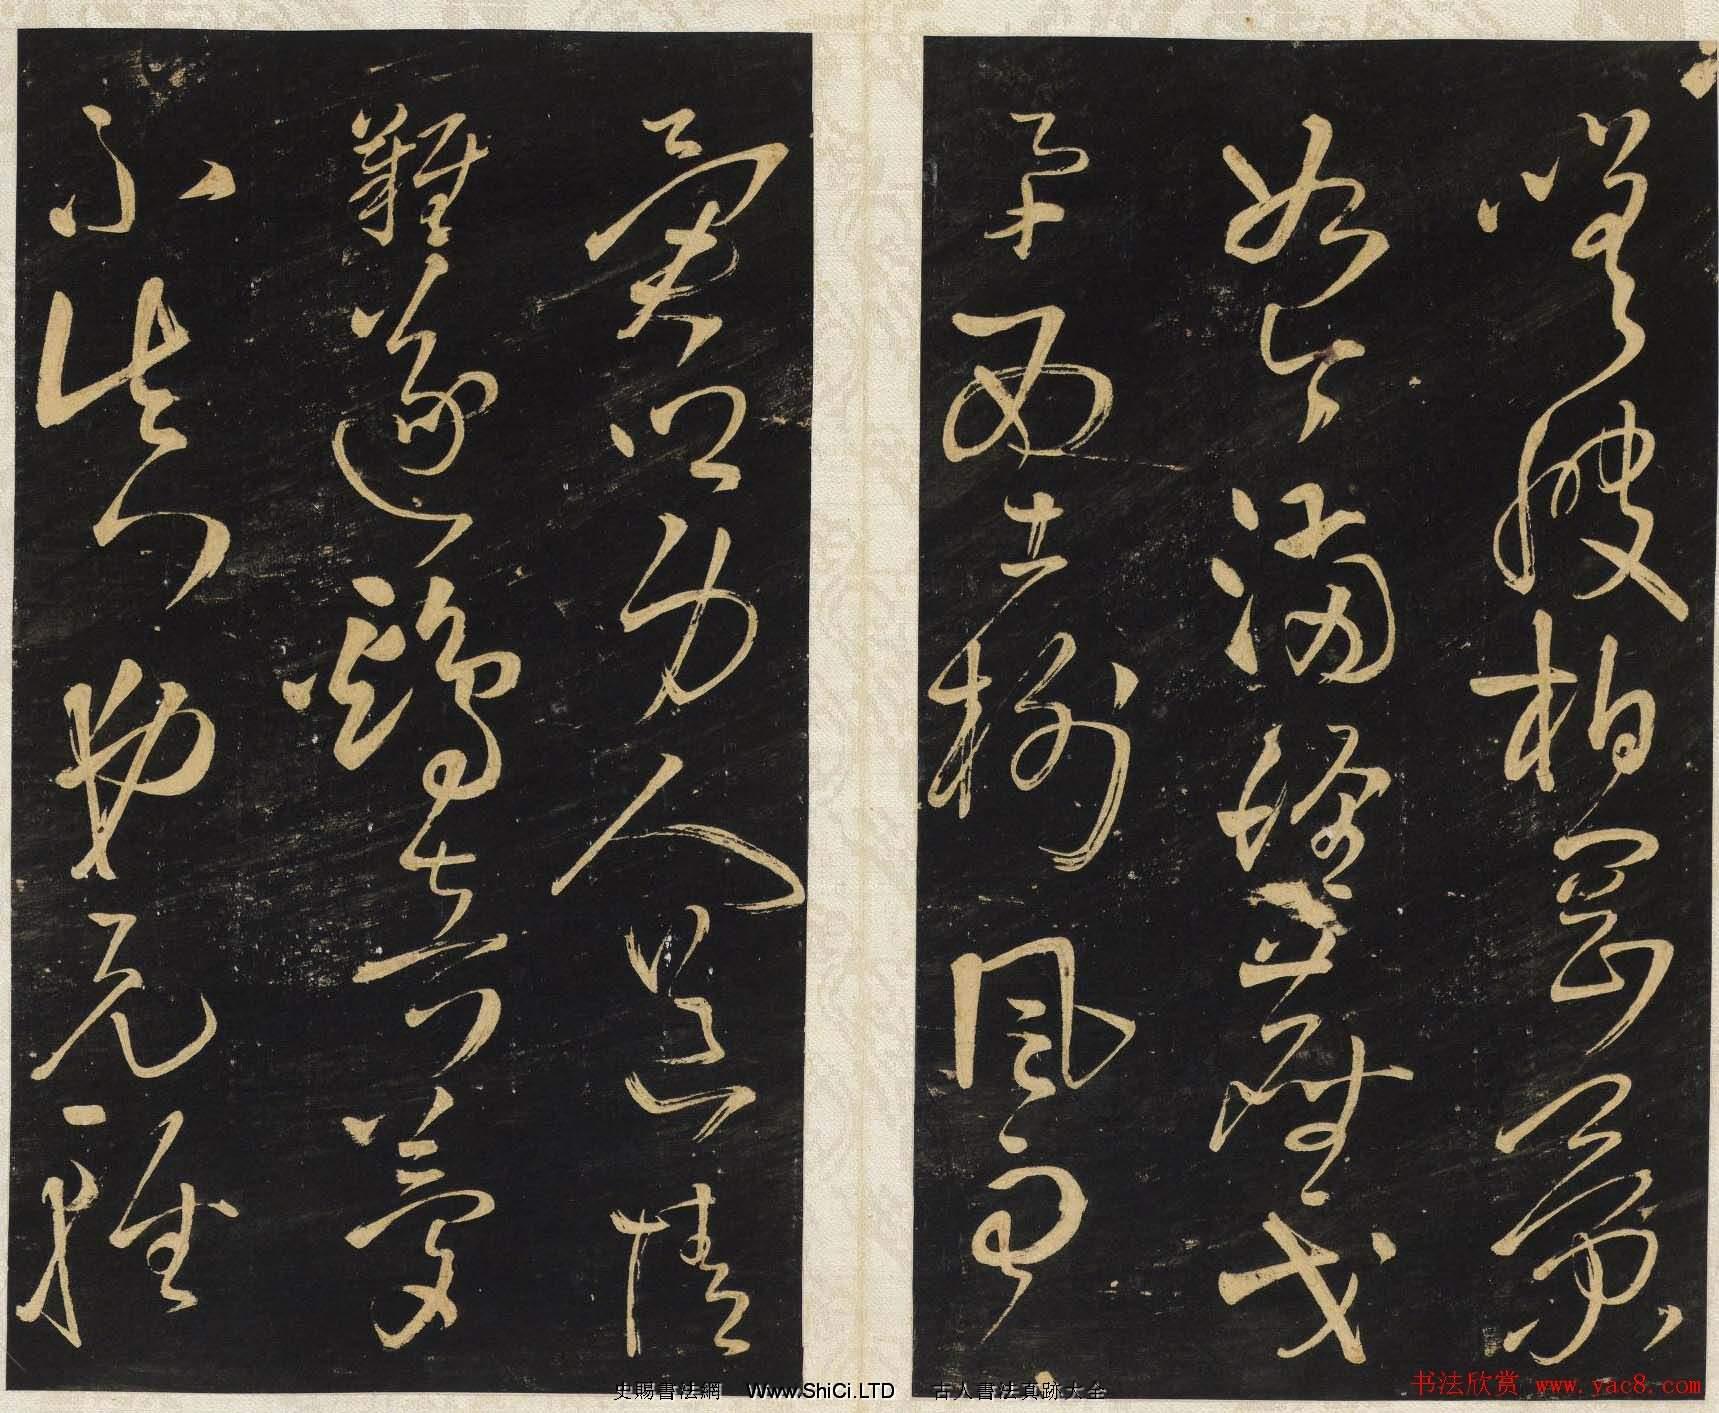 王鐸書法碑帖欣賞《擬山園帖》第三、四卷